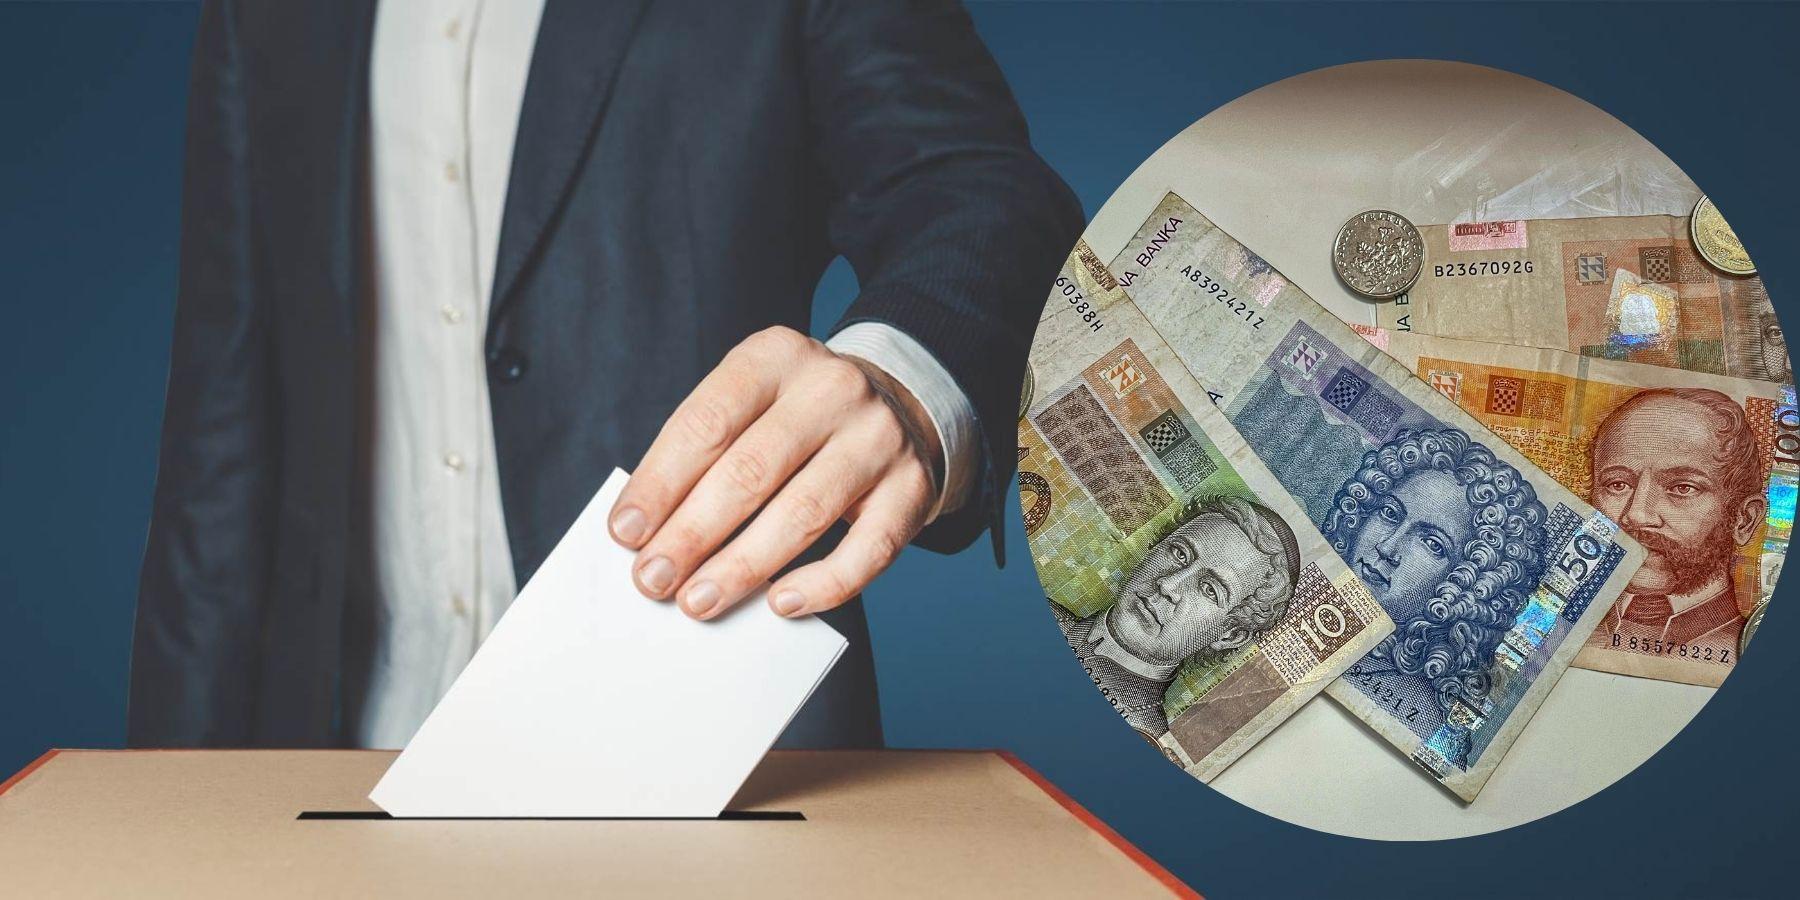 Damir Bajs do sada potrošio najviše novca, neki kandidati u kampanji s nula kuna